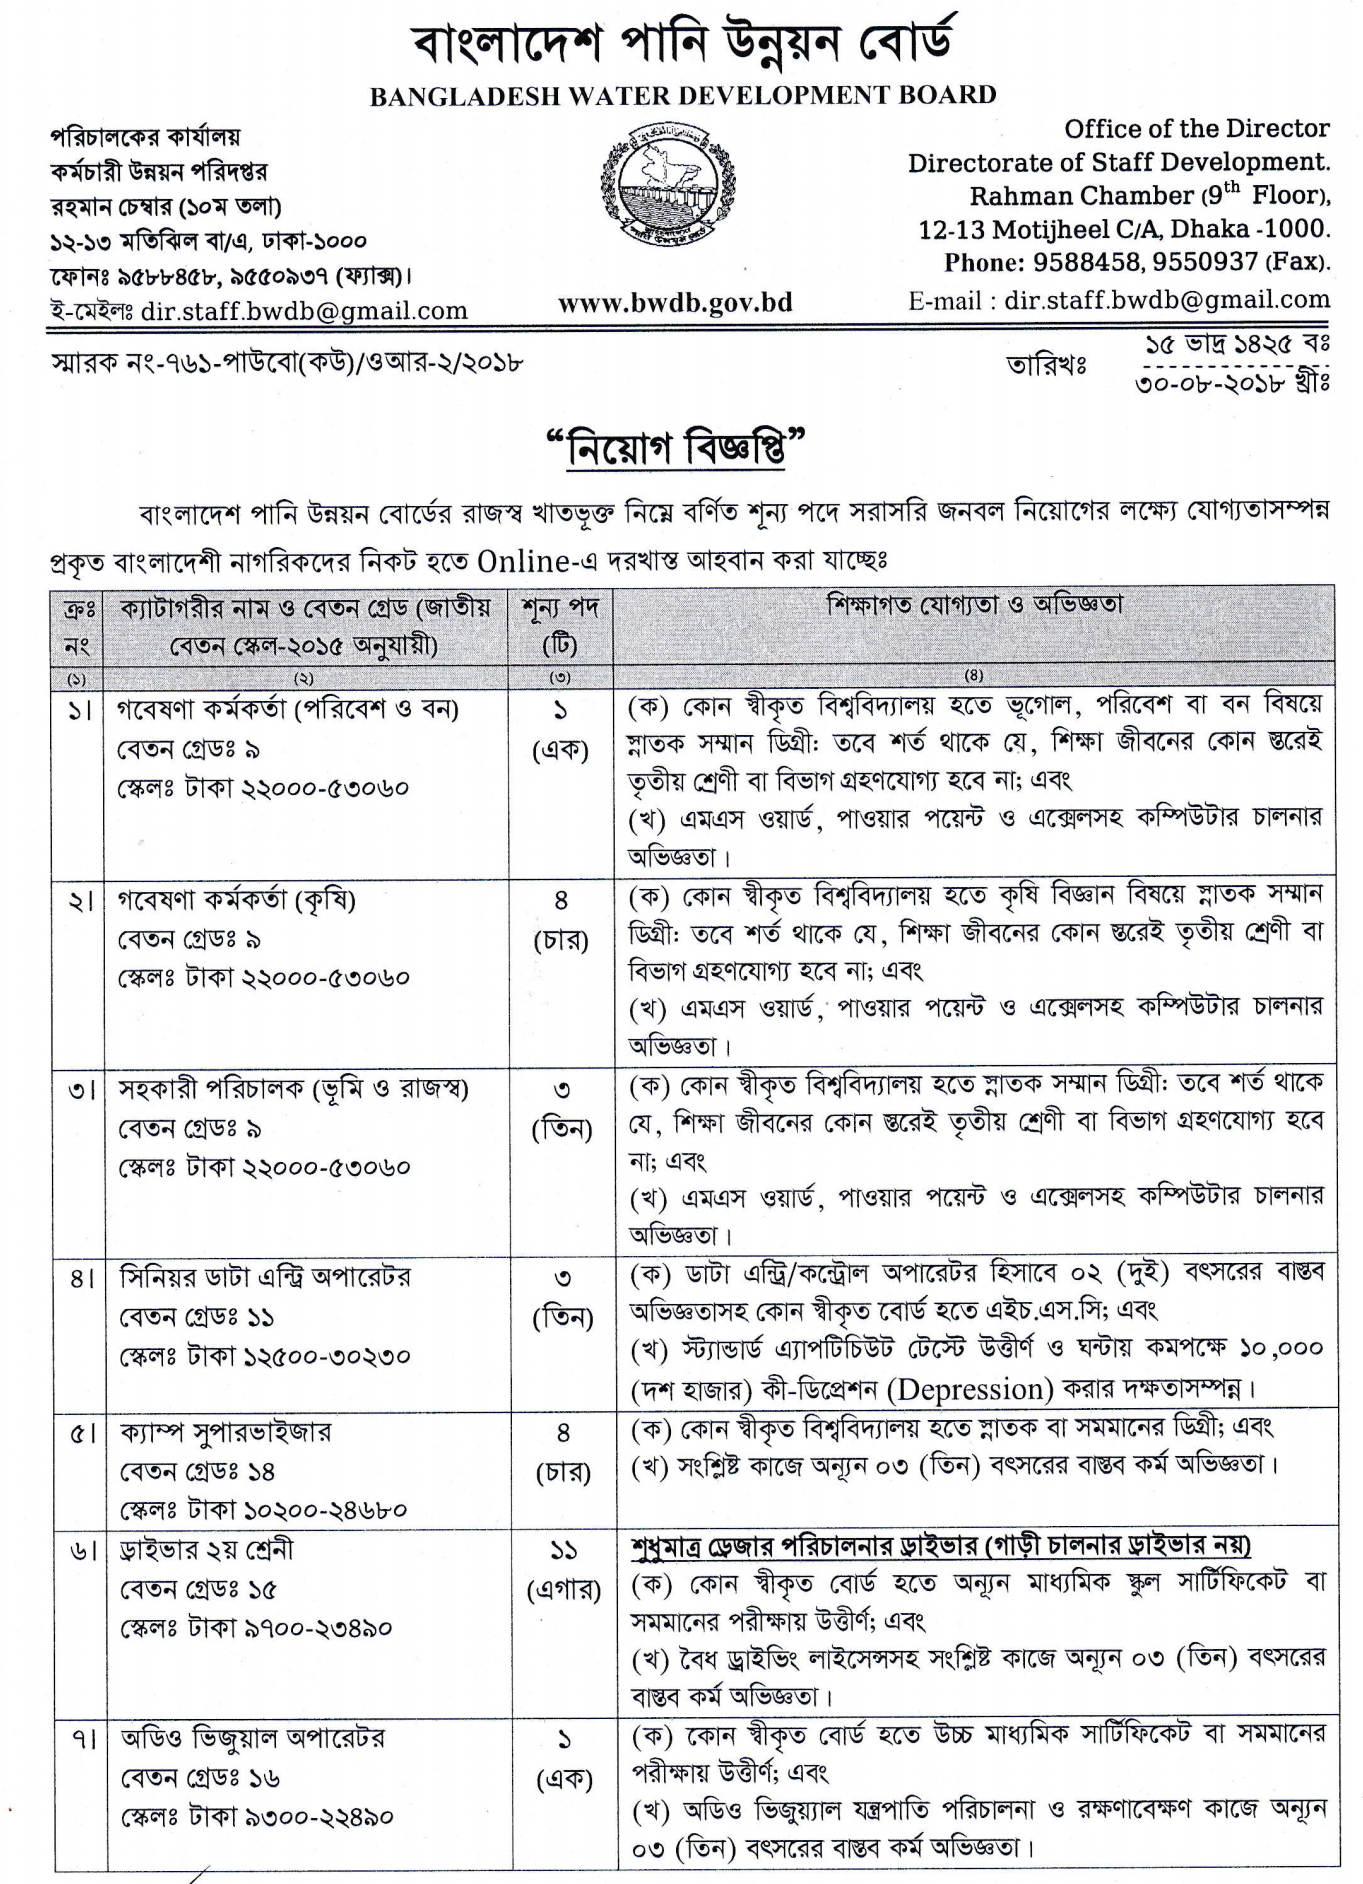 Bangladesh Water Development Board BWDB Job Circular -2018www.bwdb.gov.bd